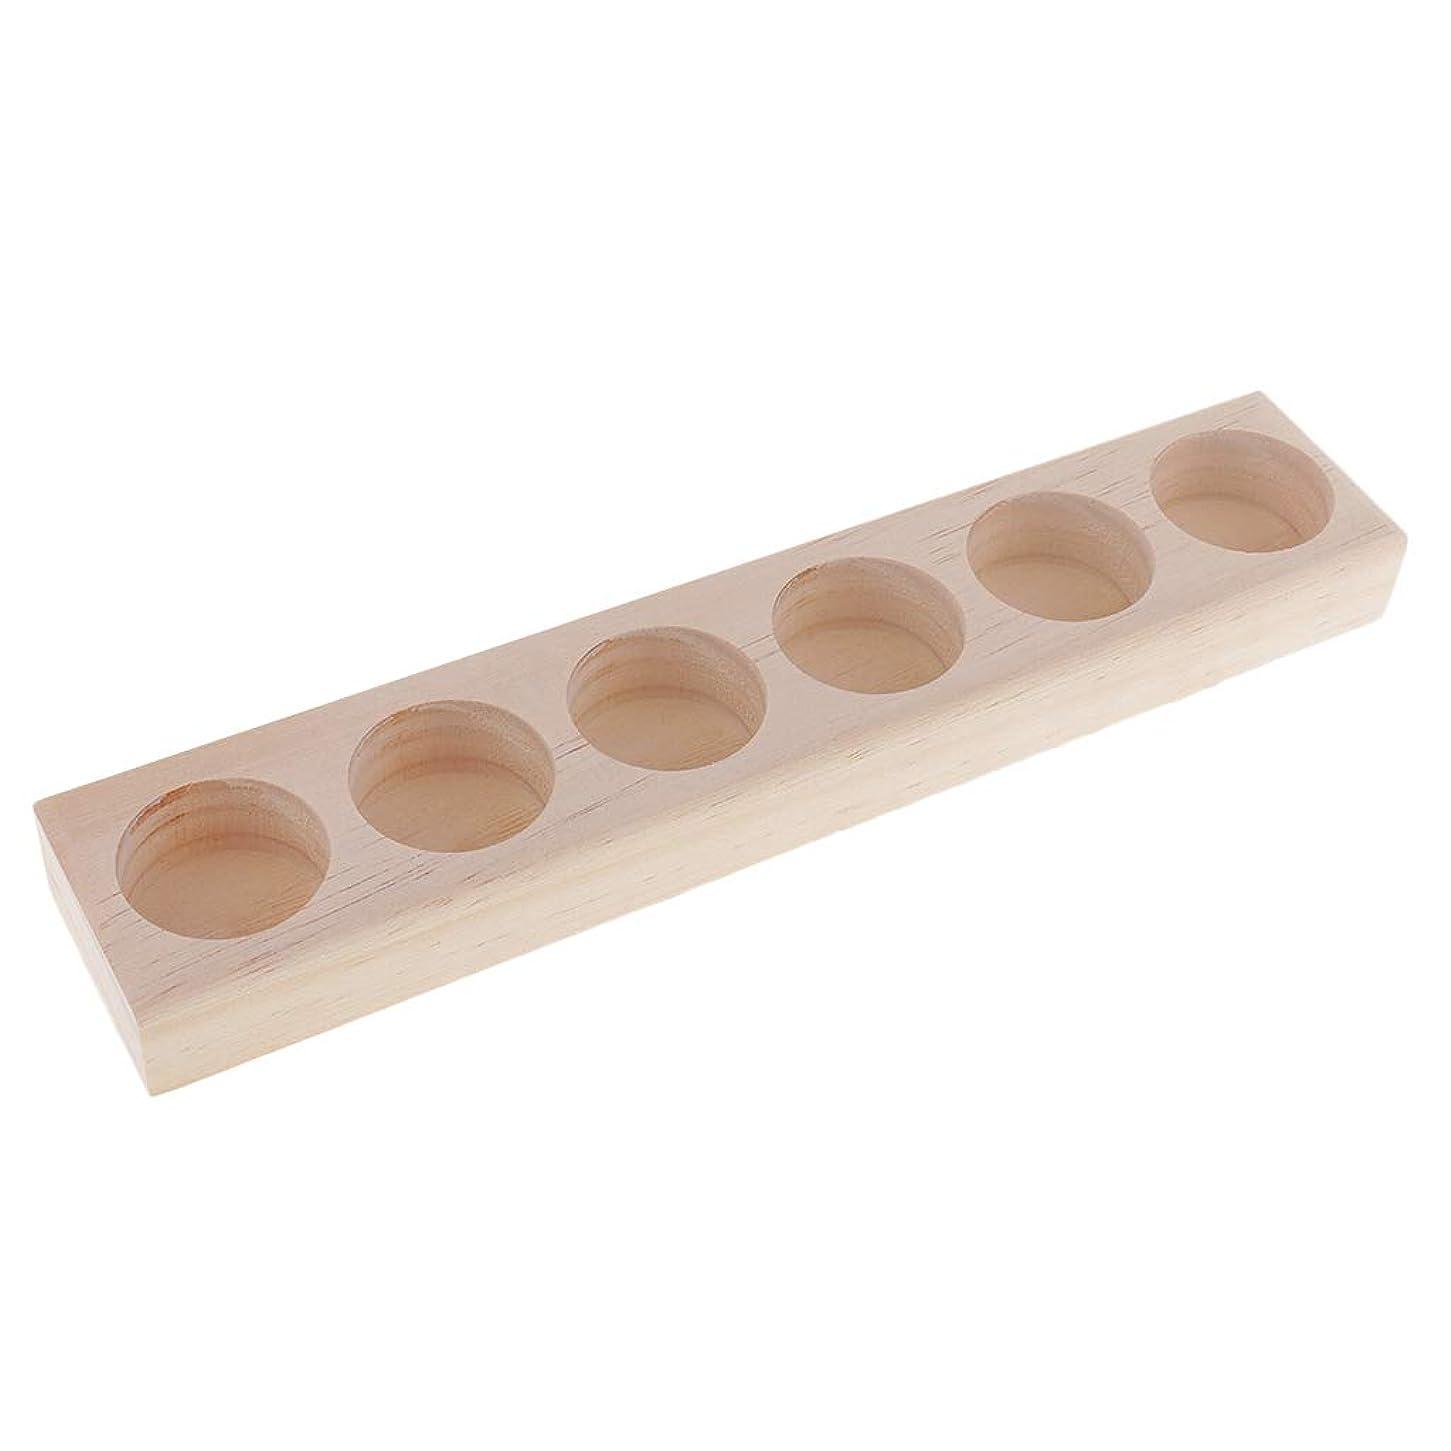 ジュラシックパークトレードフランクワースリーFenteer エッセンシャルオイル 収納ラック 木製 精油 オーガナイザー ジュエリー 化粧品 収納用品